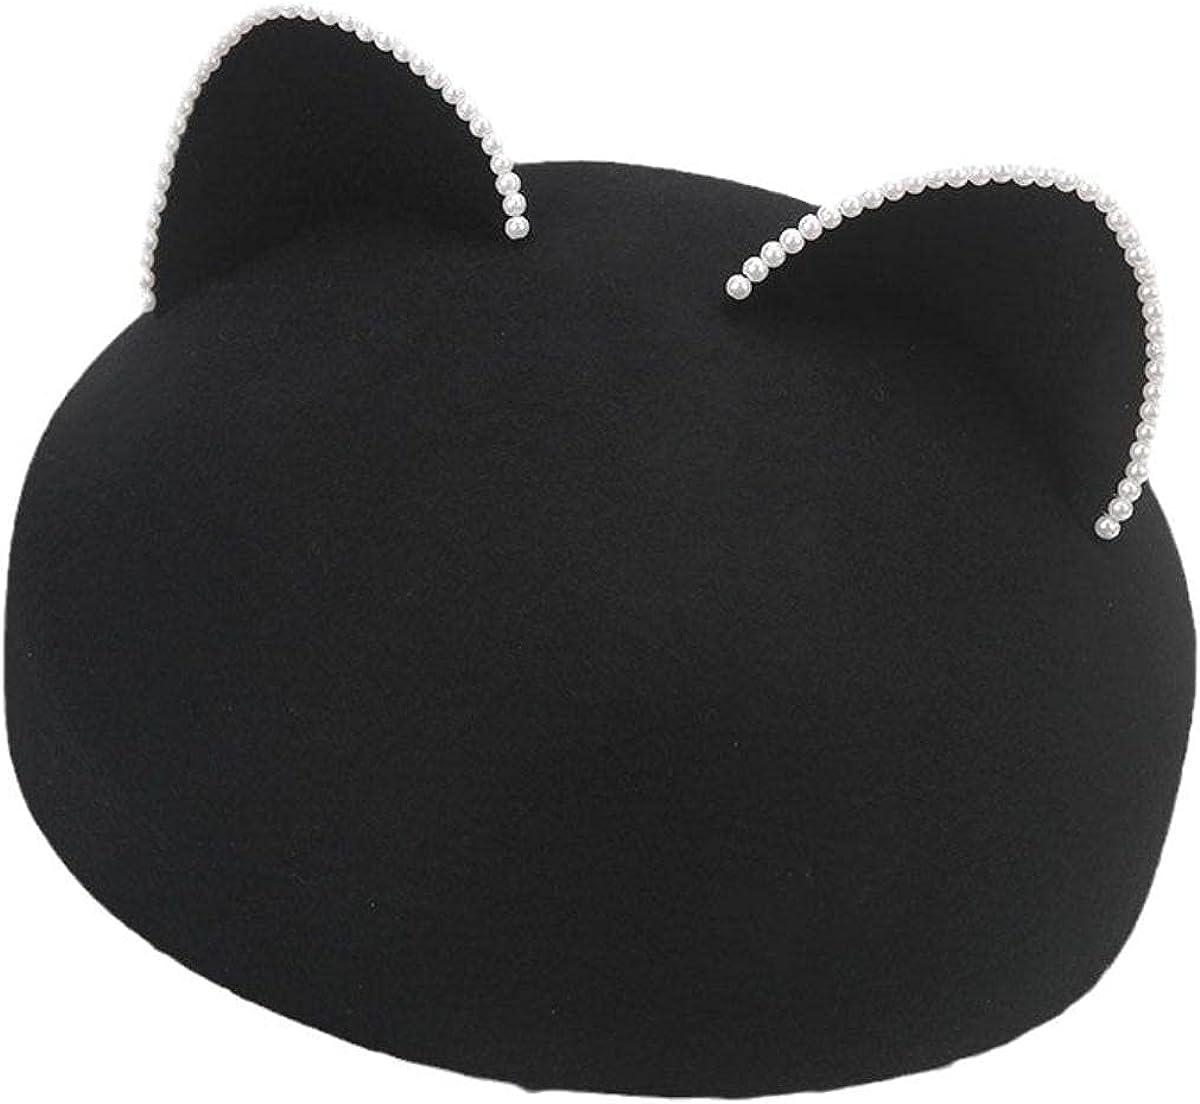 MNmkjgfgj Berets for Women Fitted Hat Women Hats Fashion Winter Hats for Women Cowboy Hat Wool Hats Formal Warm Visor Hat